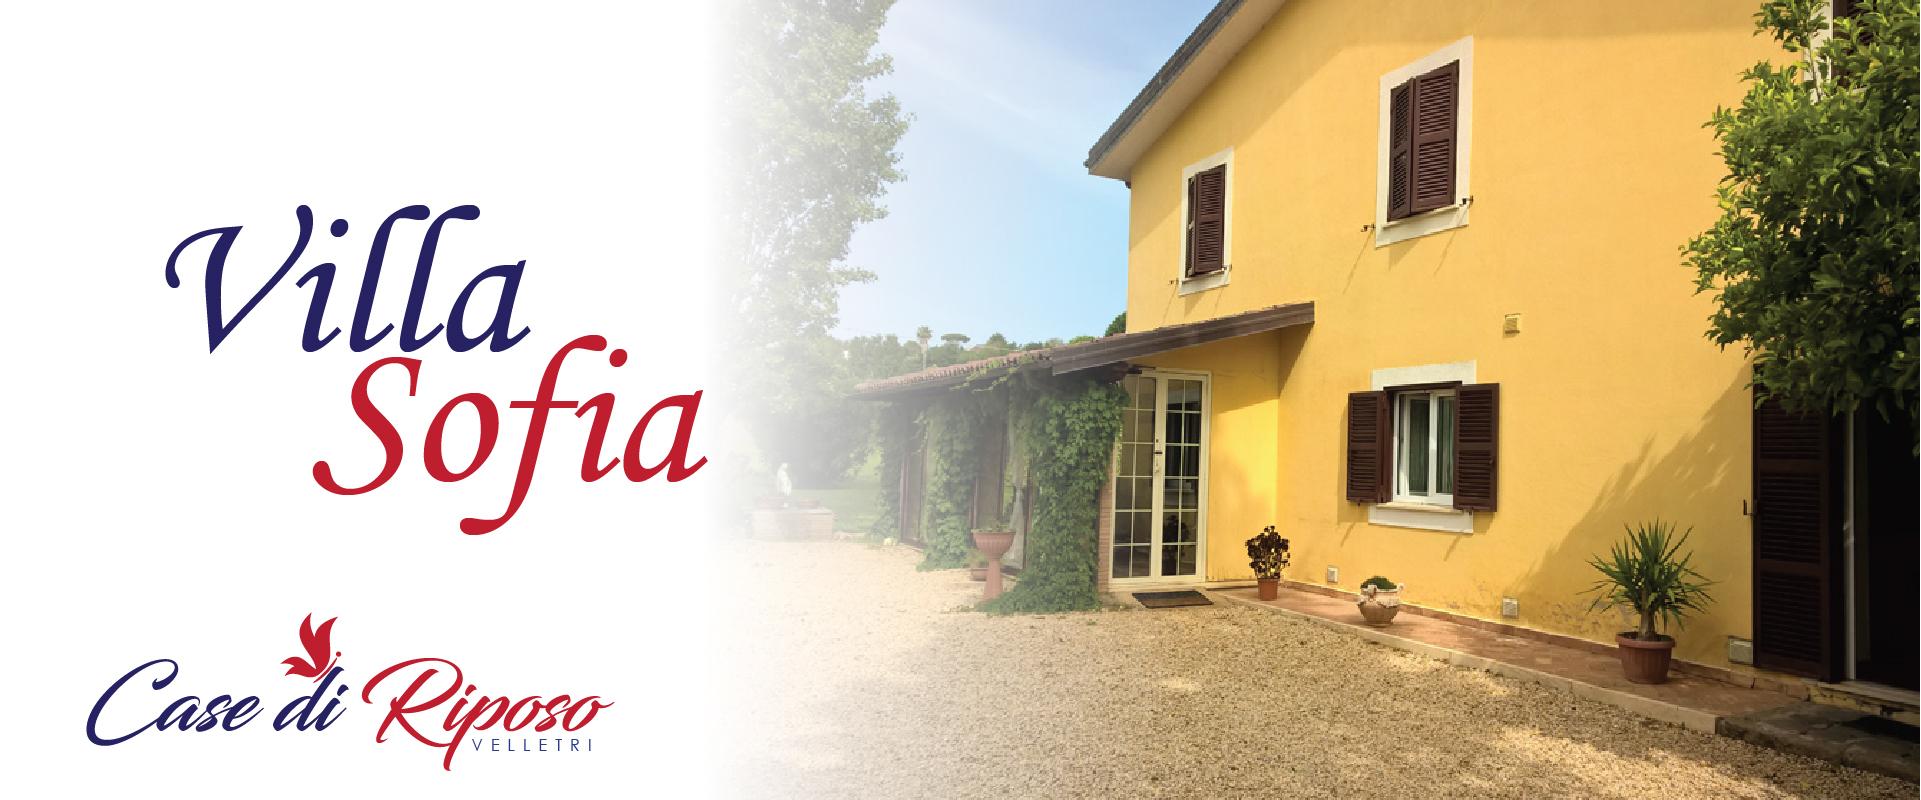 2 Slide – Casa di Riposo a Velletri